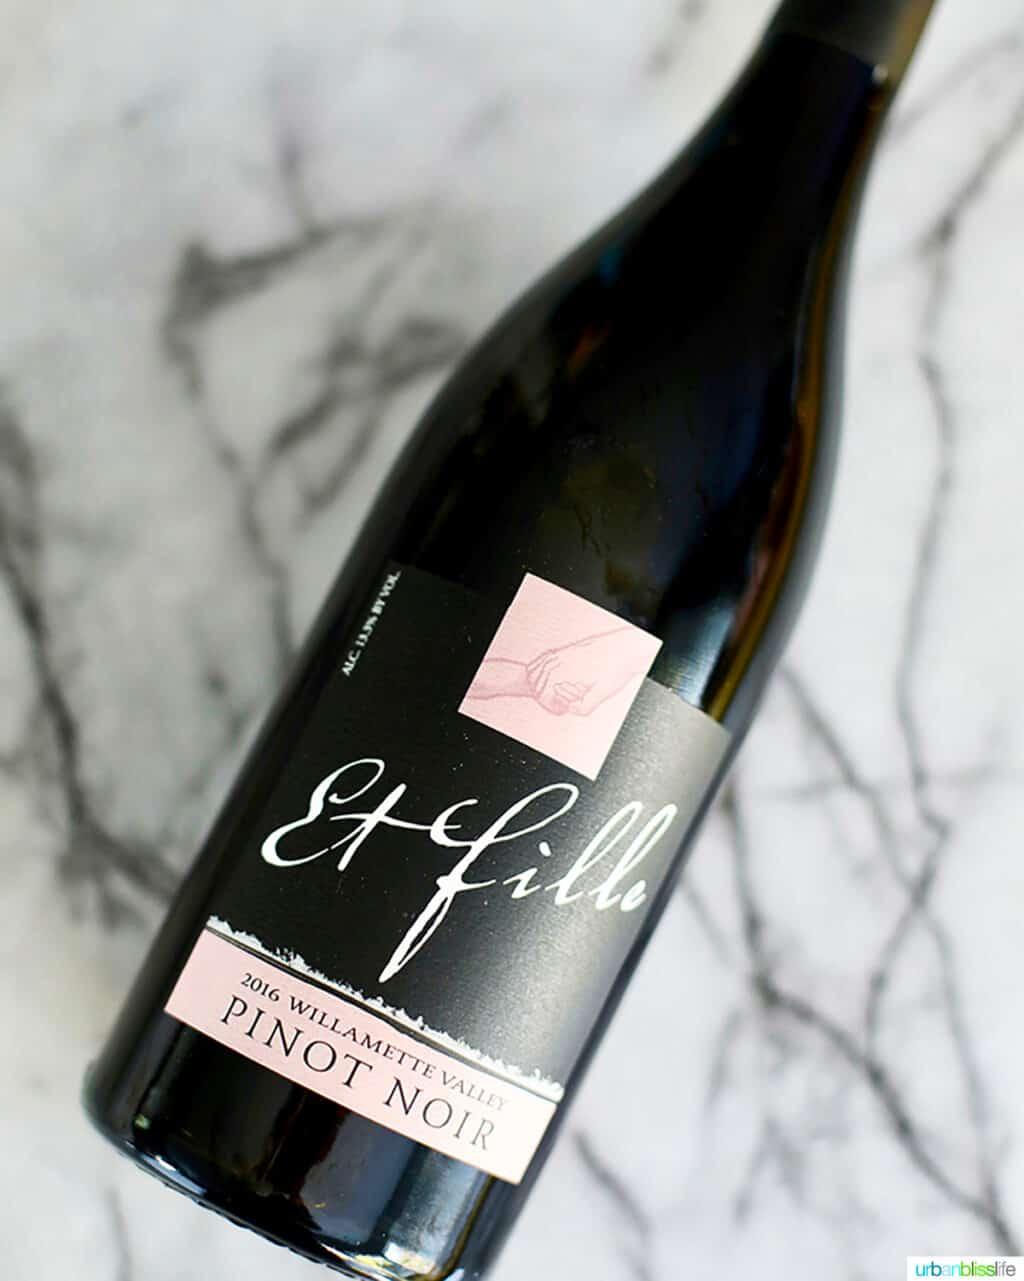 bottle of et fille oregon pinot noir